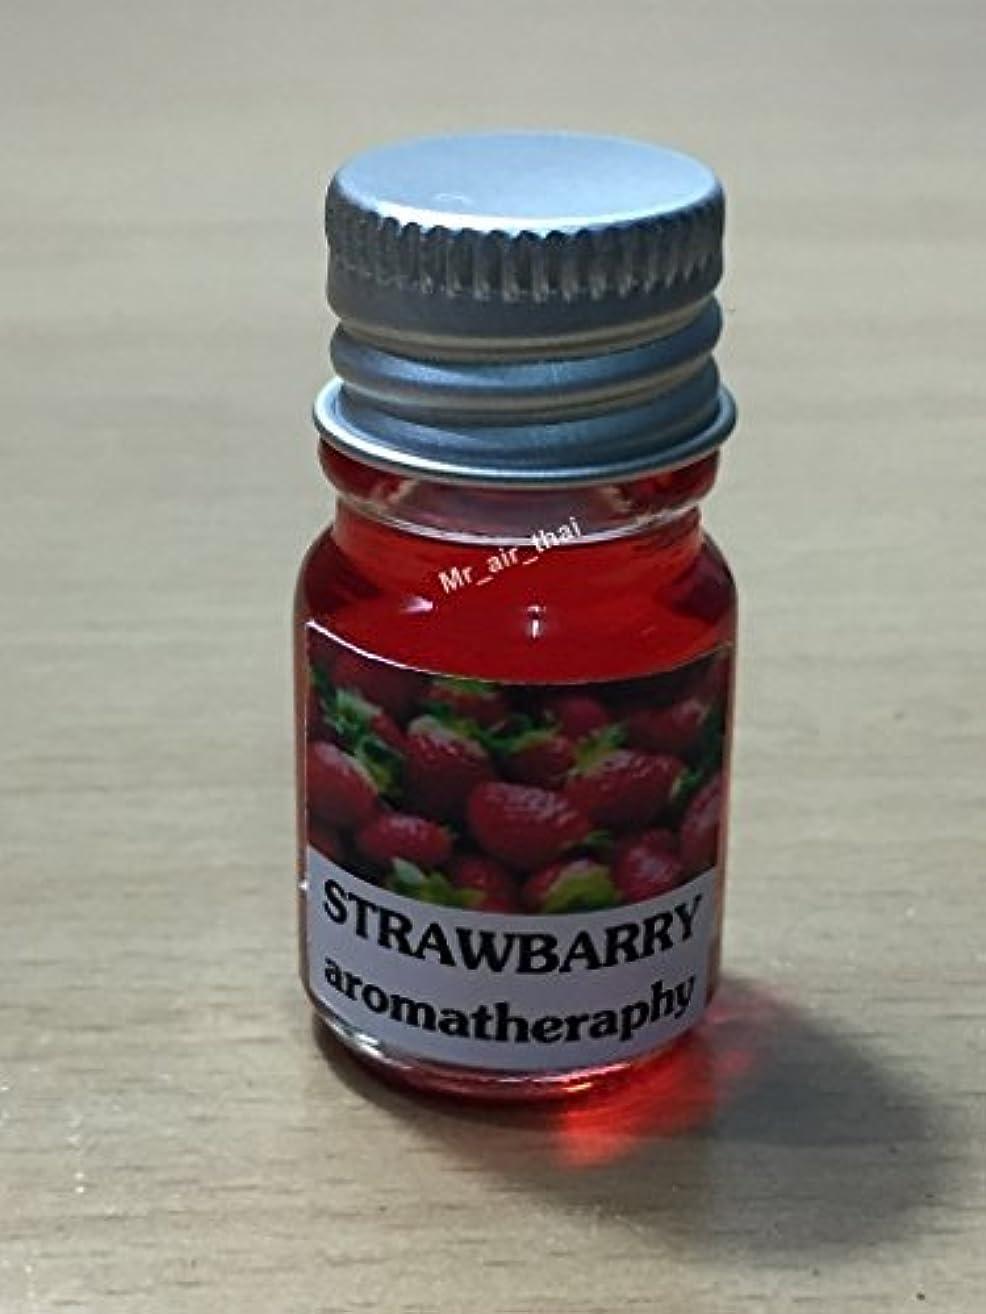 ティッシュ杭急性5ミリリットルアロマイチゴフランクインセンスエッセンシャルオイルボトルアロマテラピーオイル自然自然5ml Aroma Strawberry Frankincense Essential Oil Bottles Aromatherapy...